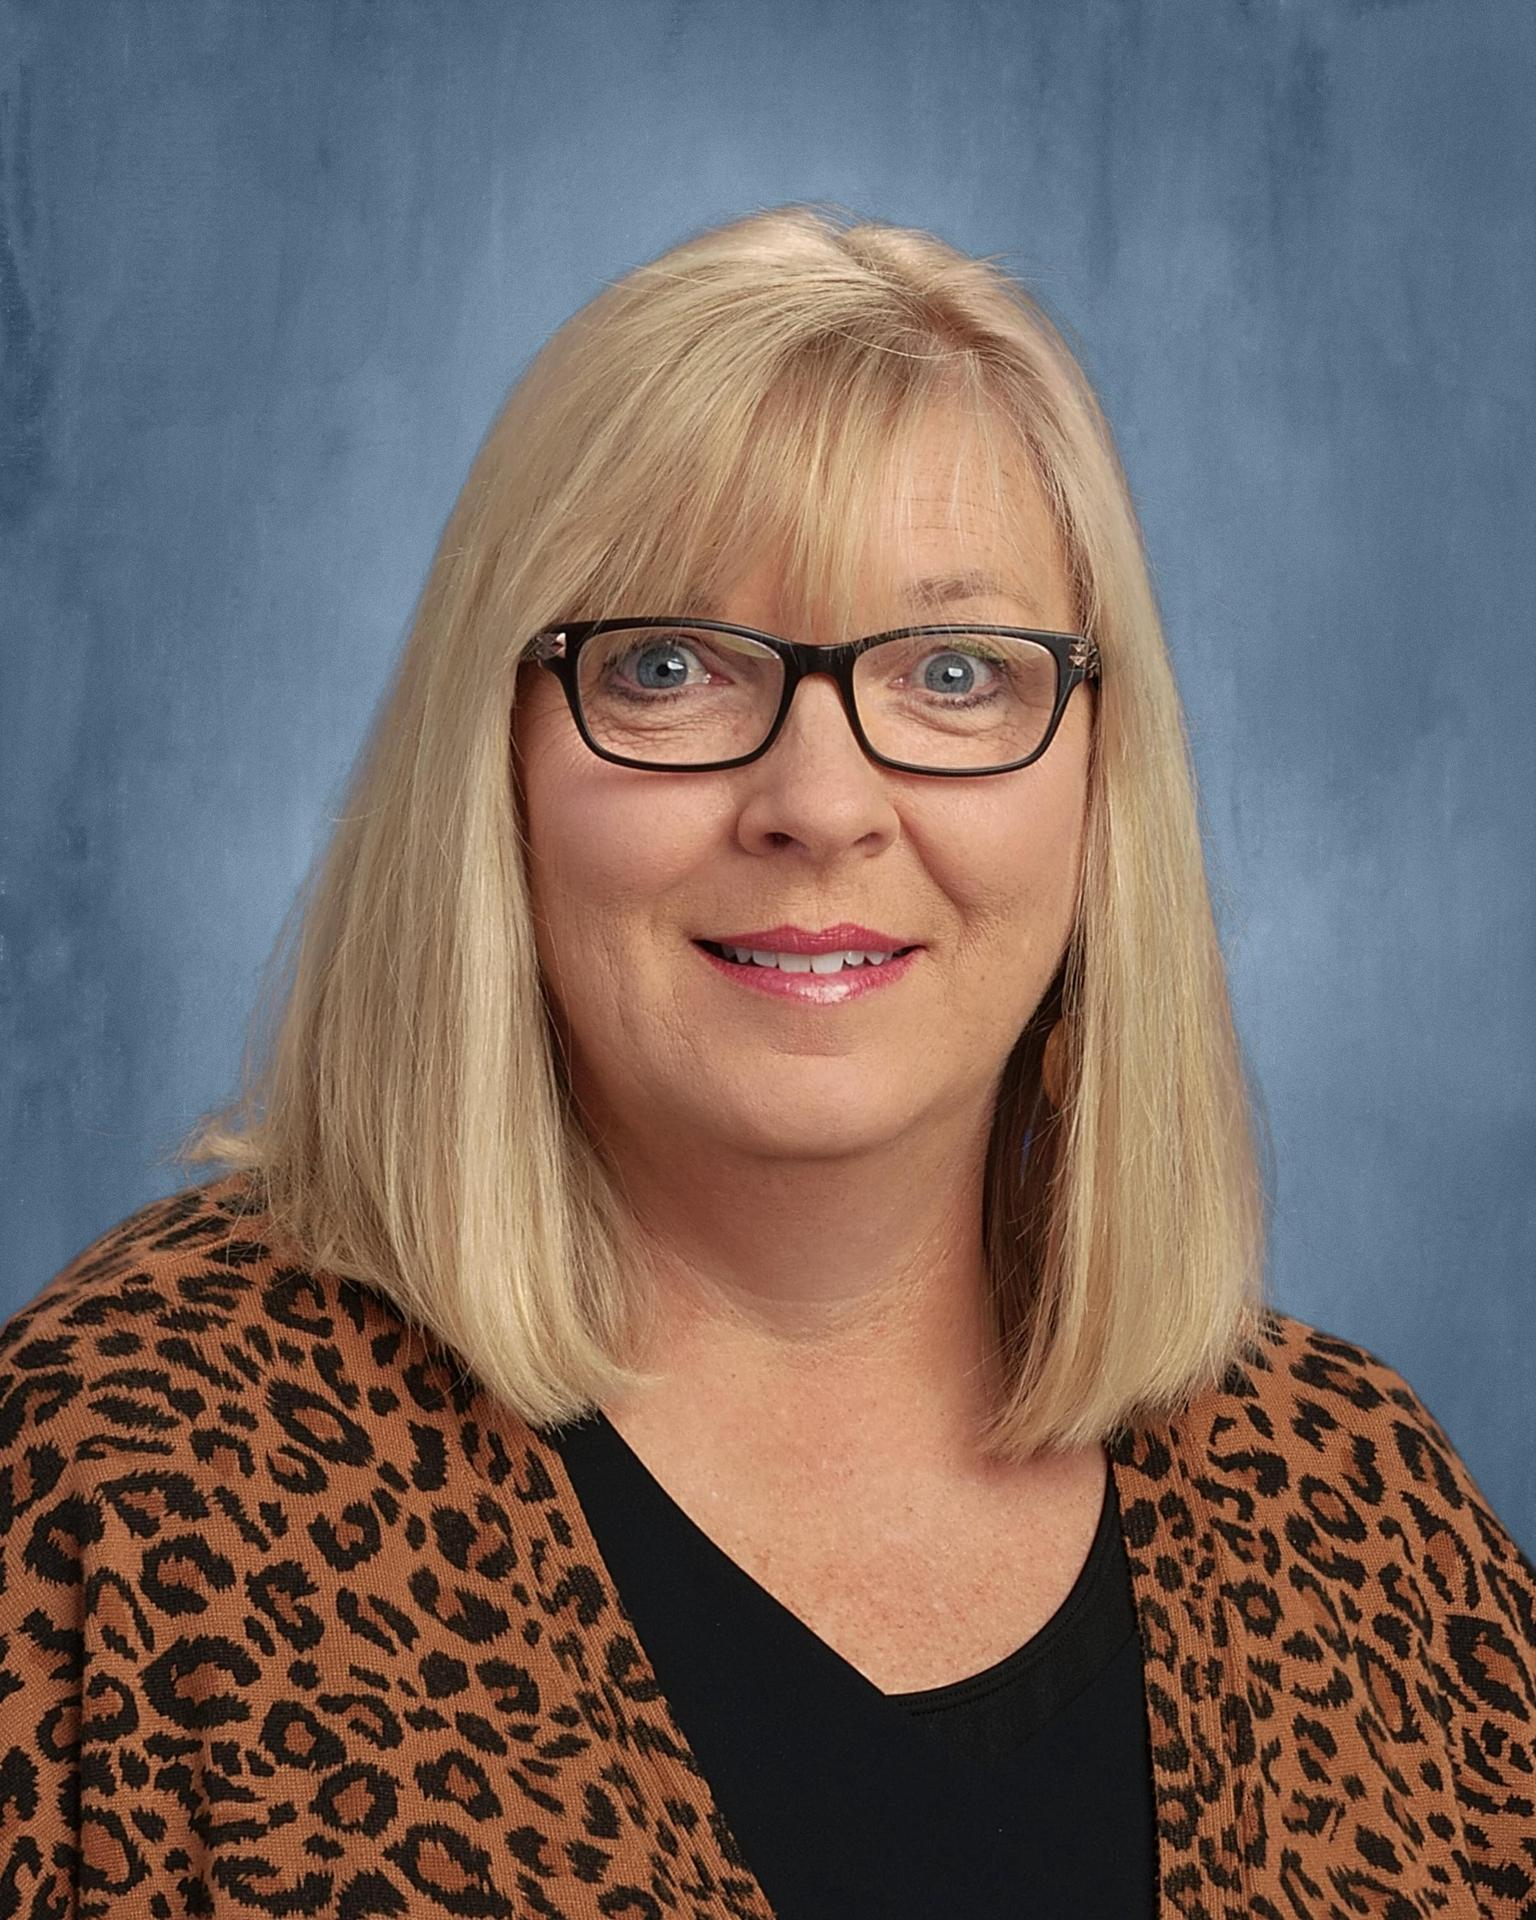 Deanna Ballard